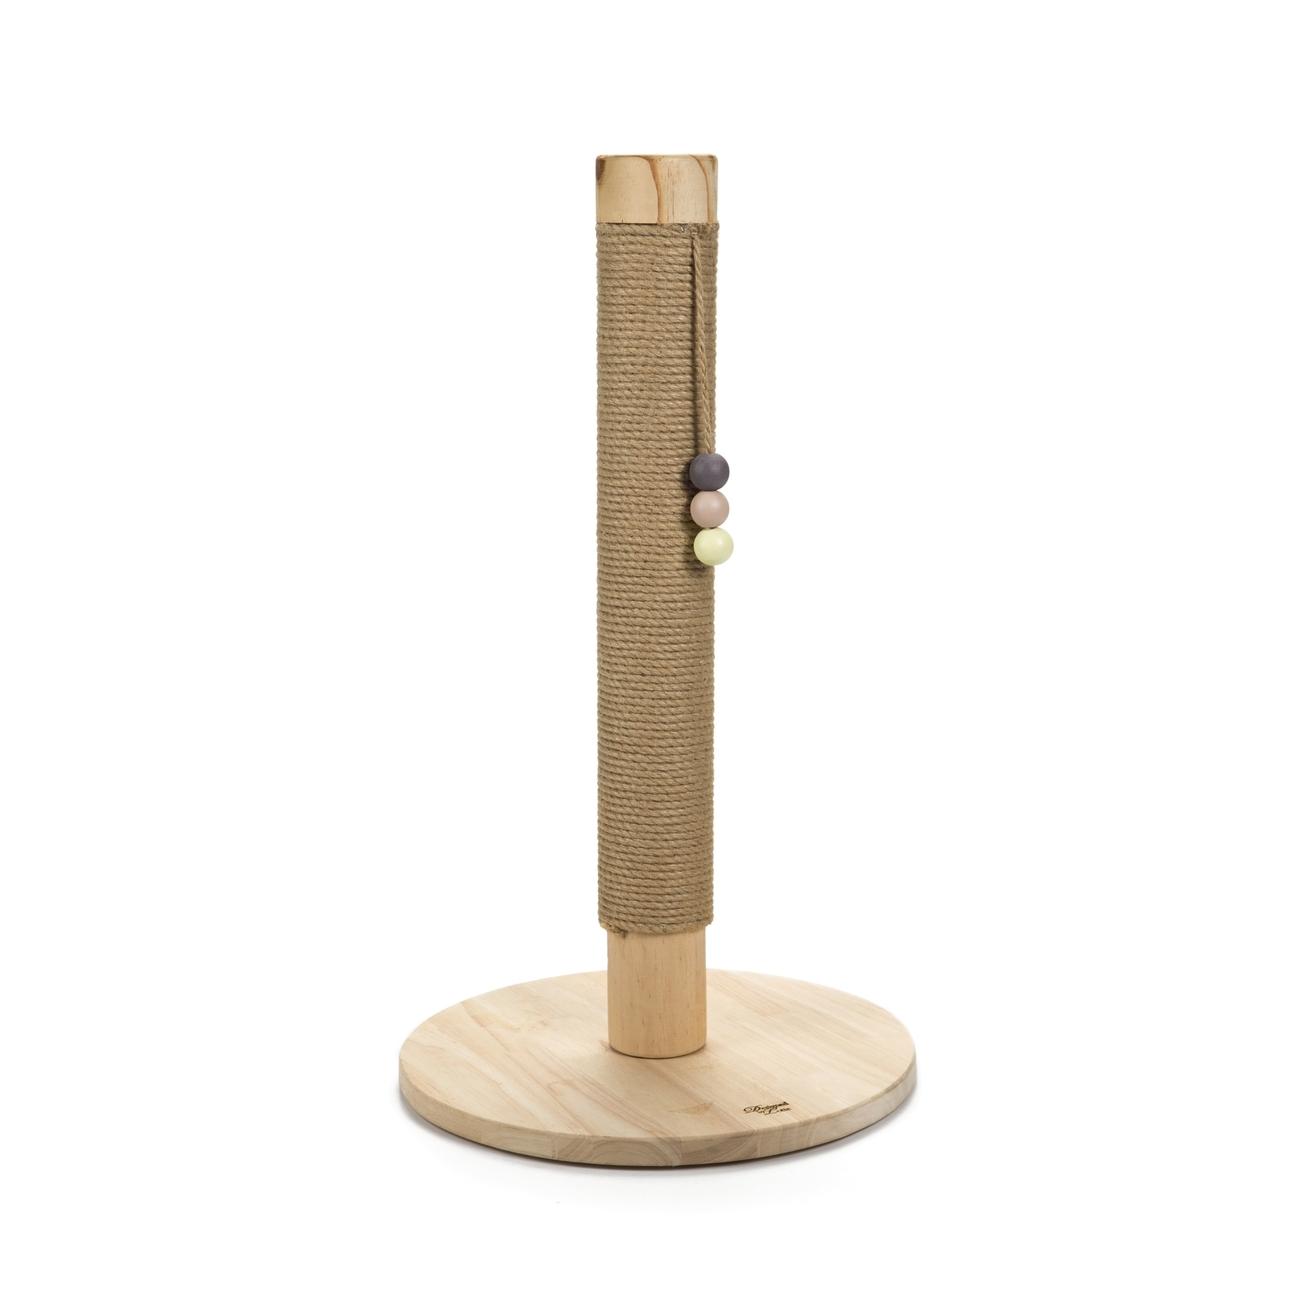 holz kratzbaum sinora - designed by lotte von designed by lotte